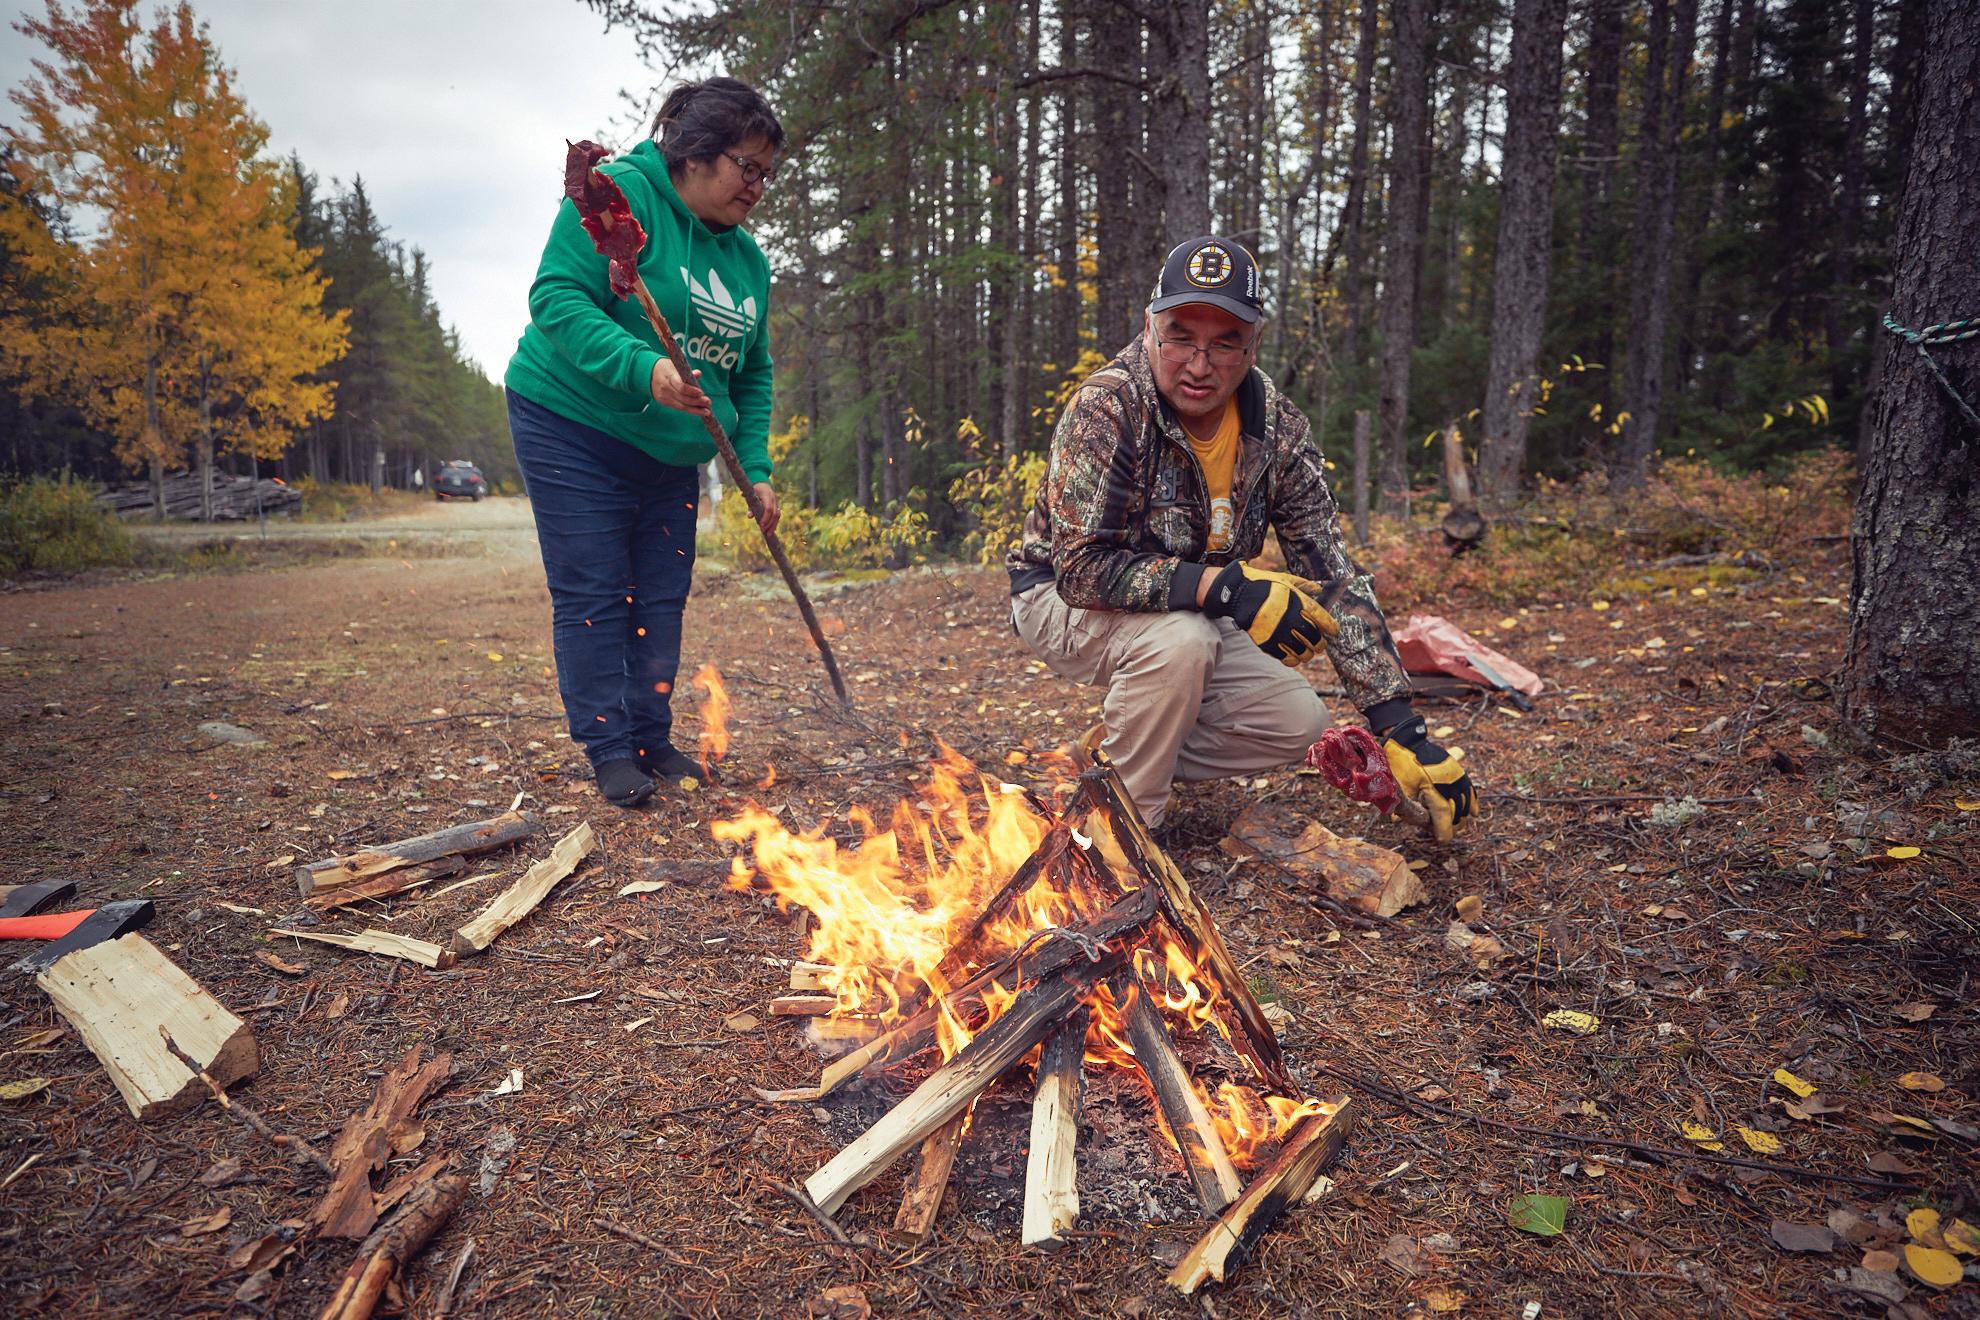 Roasting moose steaks on an open fire